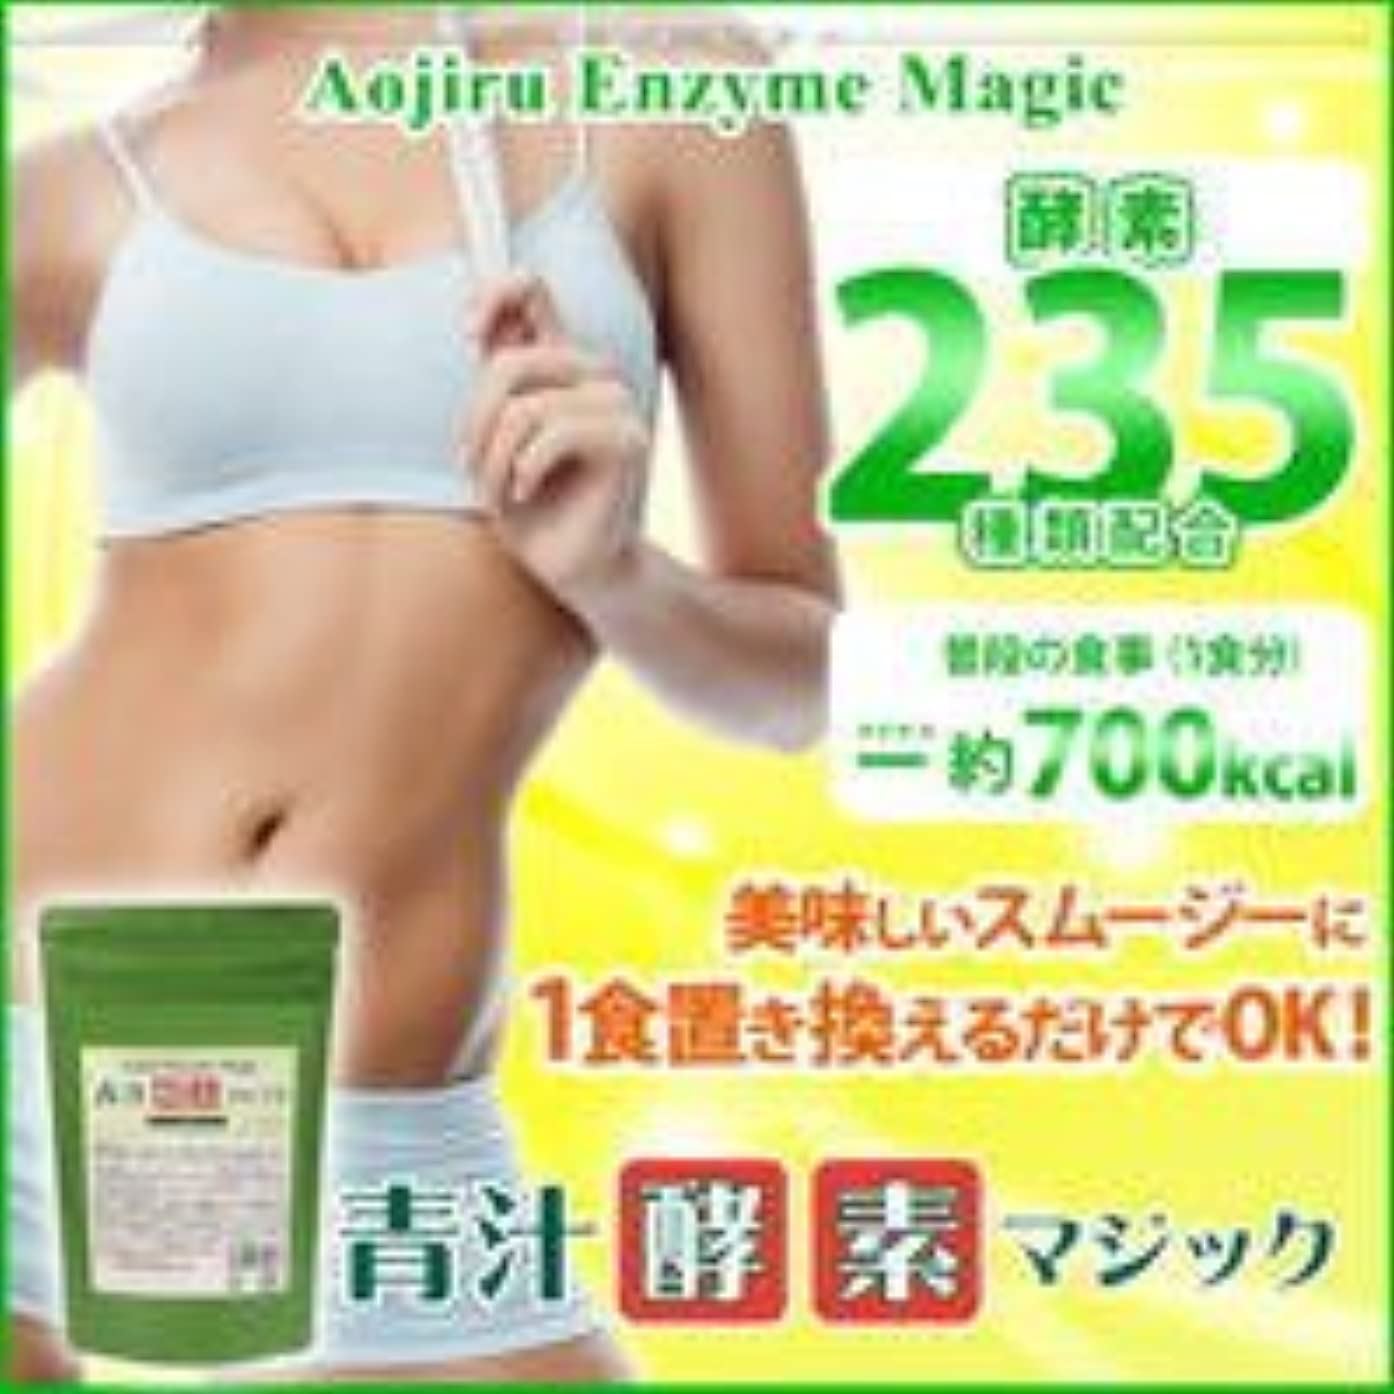 策定するフィッティング認知【 ☆☆ 青汁酵素マジック 】美味しく健康に1食置き換えてダイエット!続かないダイエットなんてさようなら!